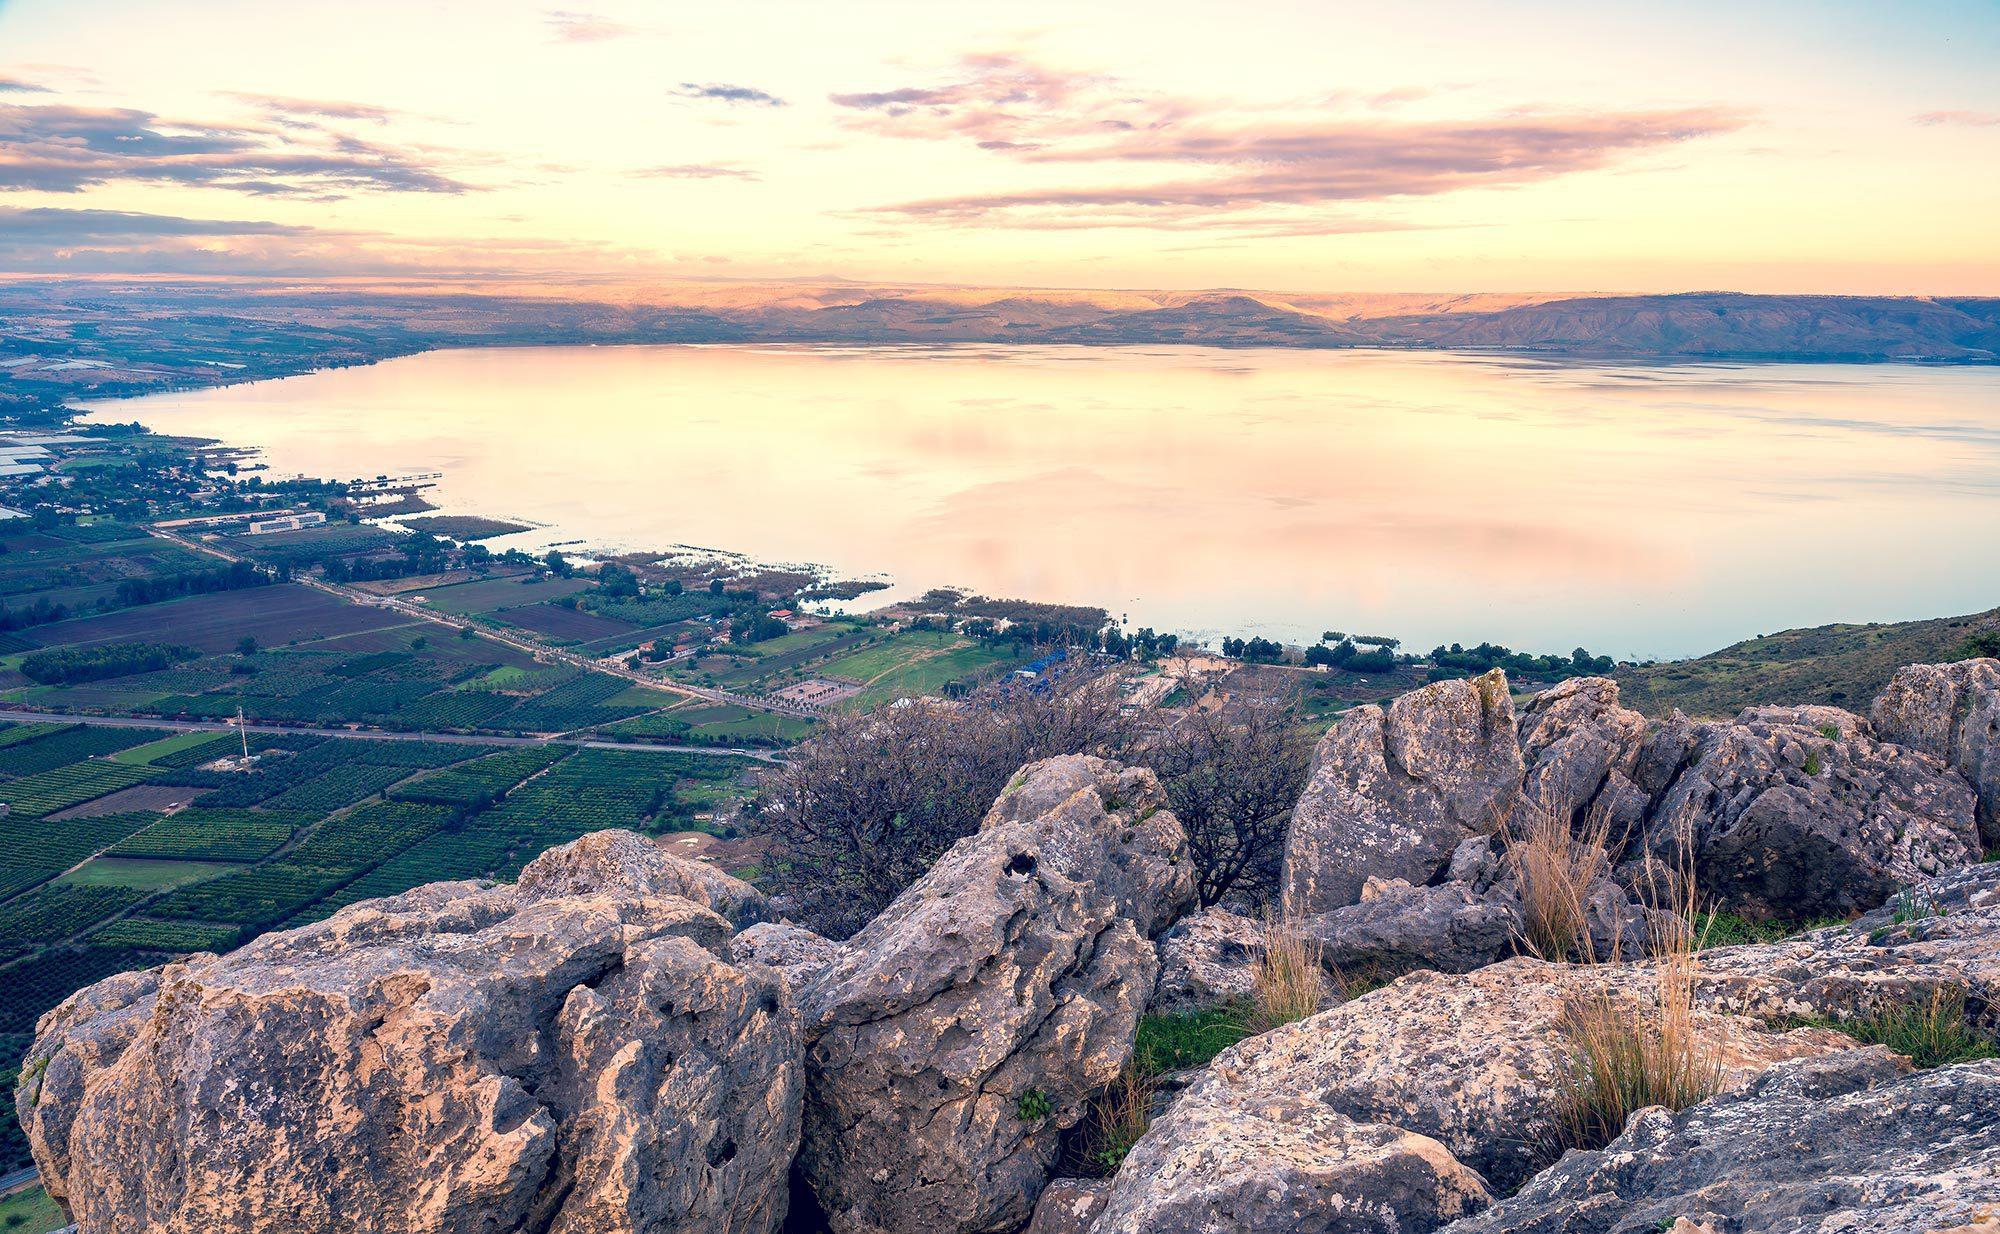 Israel National Trail, Kinneret - Sea of Galilee